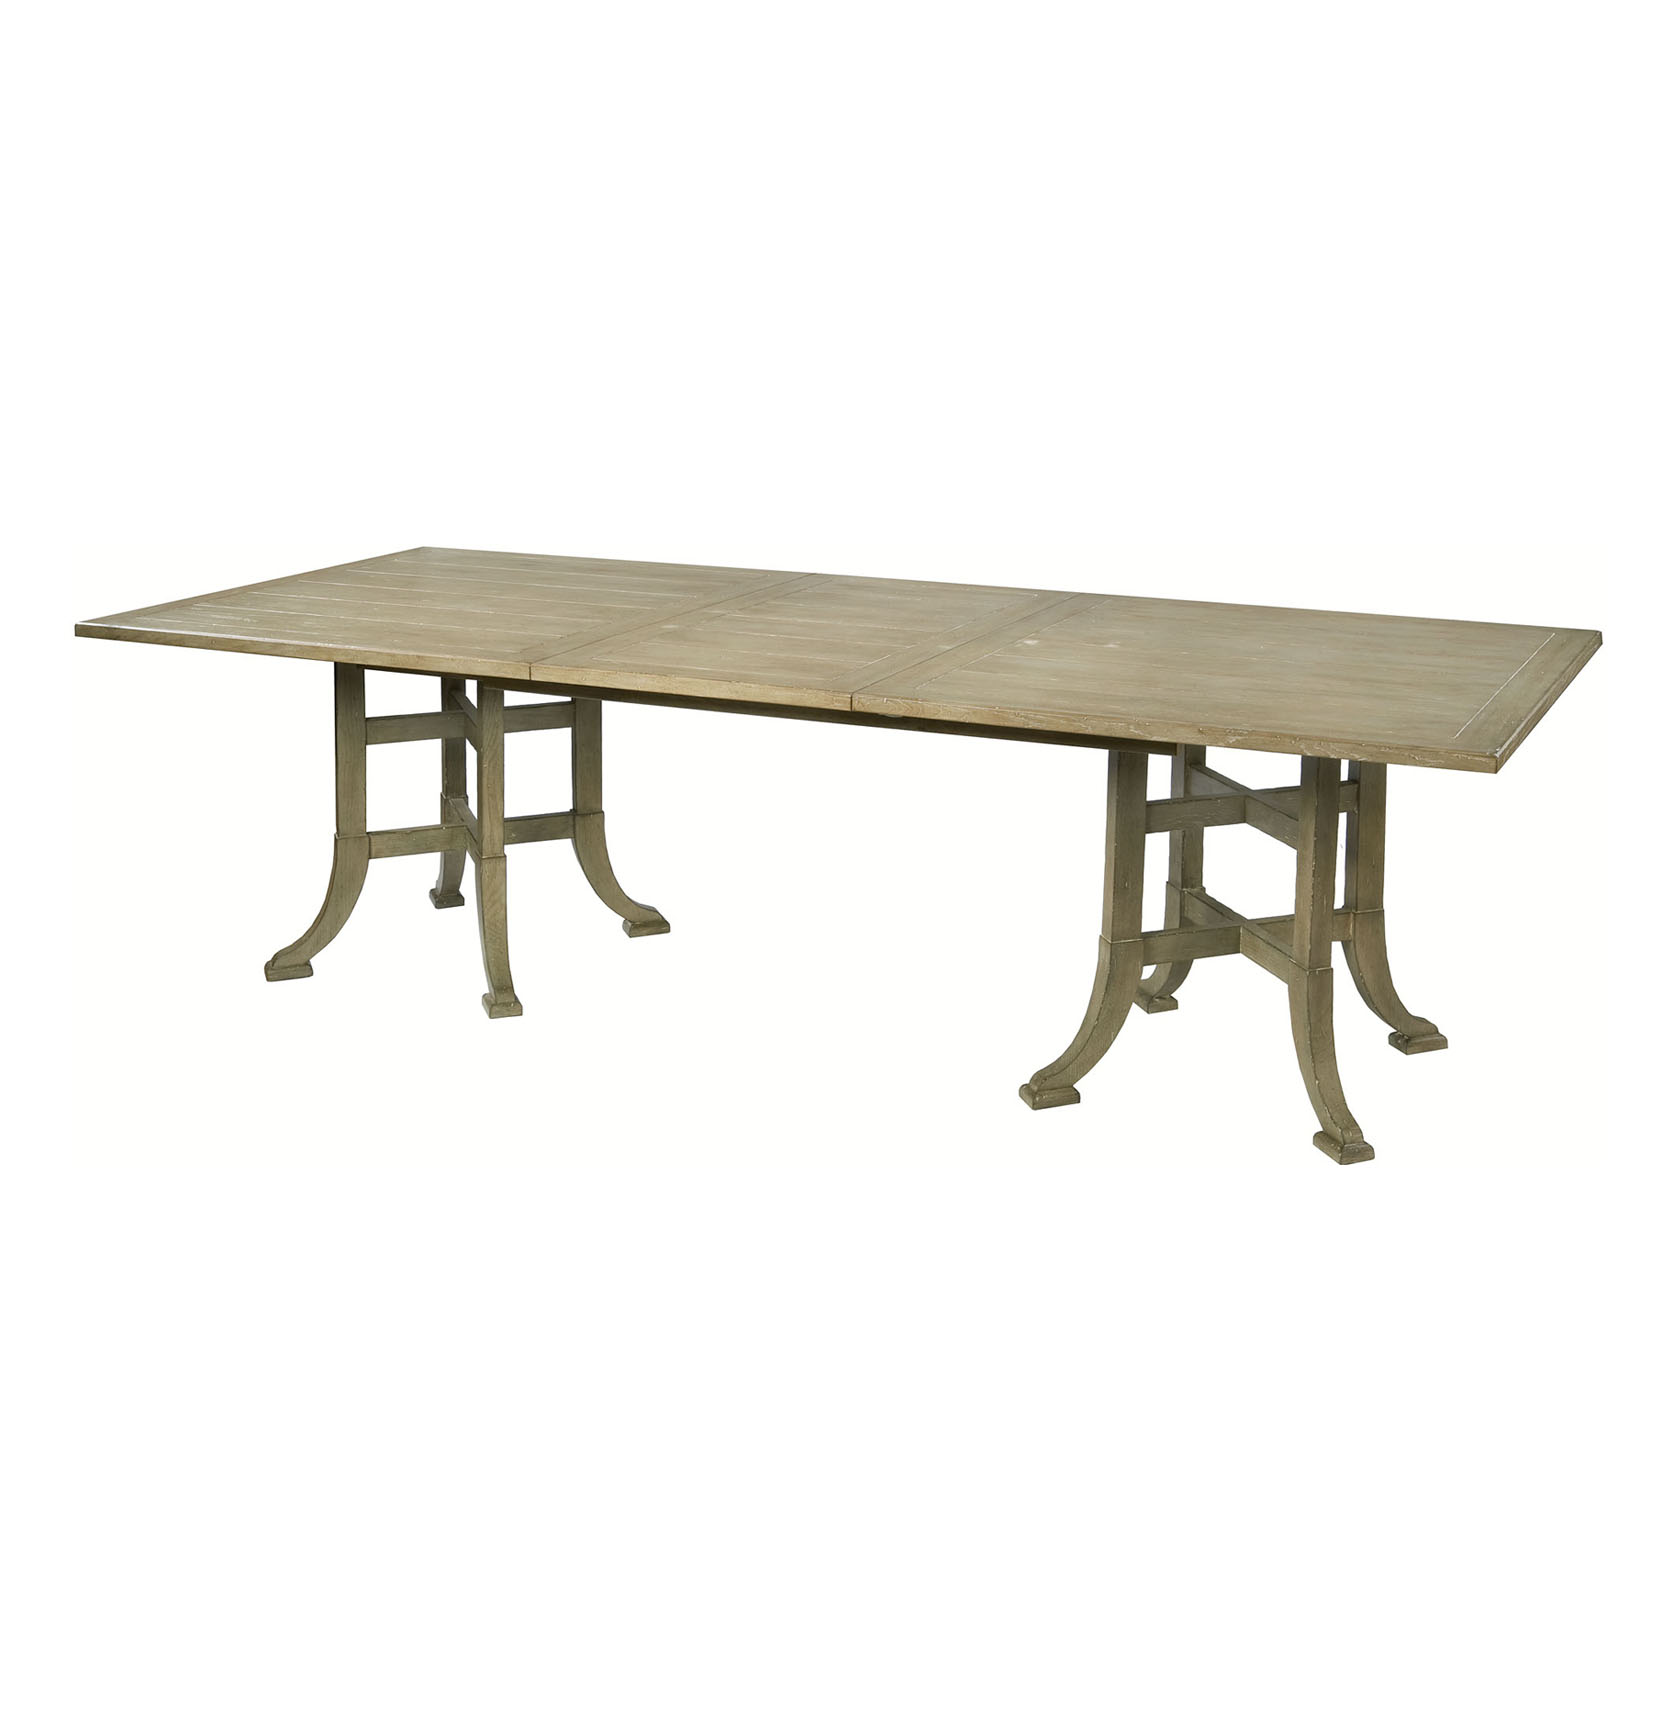 Furniture dining room furniture pedestal dining table for Rectangular pedestal dining table